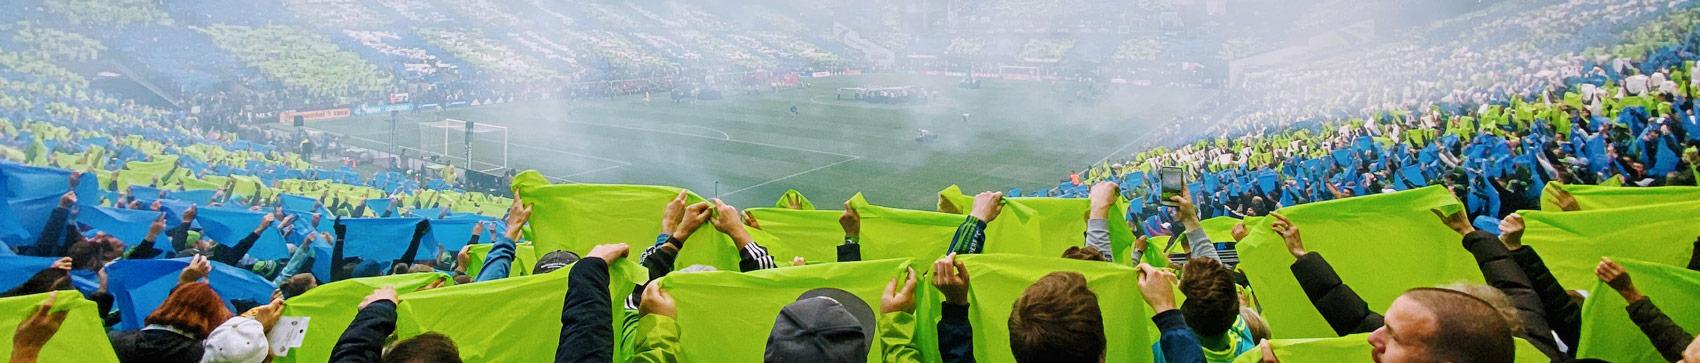 Sounder FC at Lumen Field